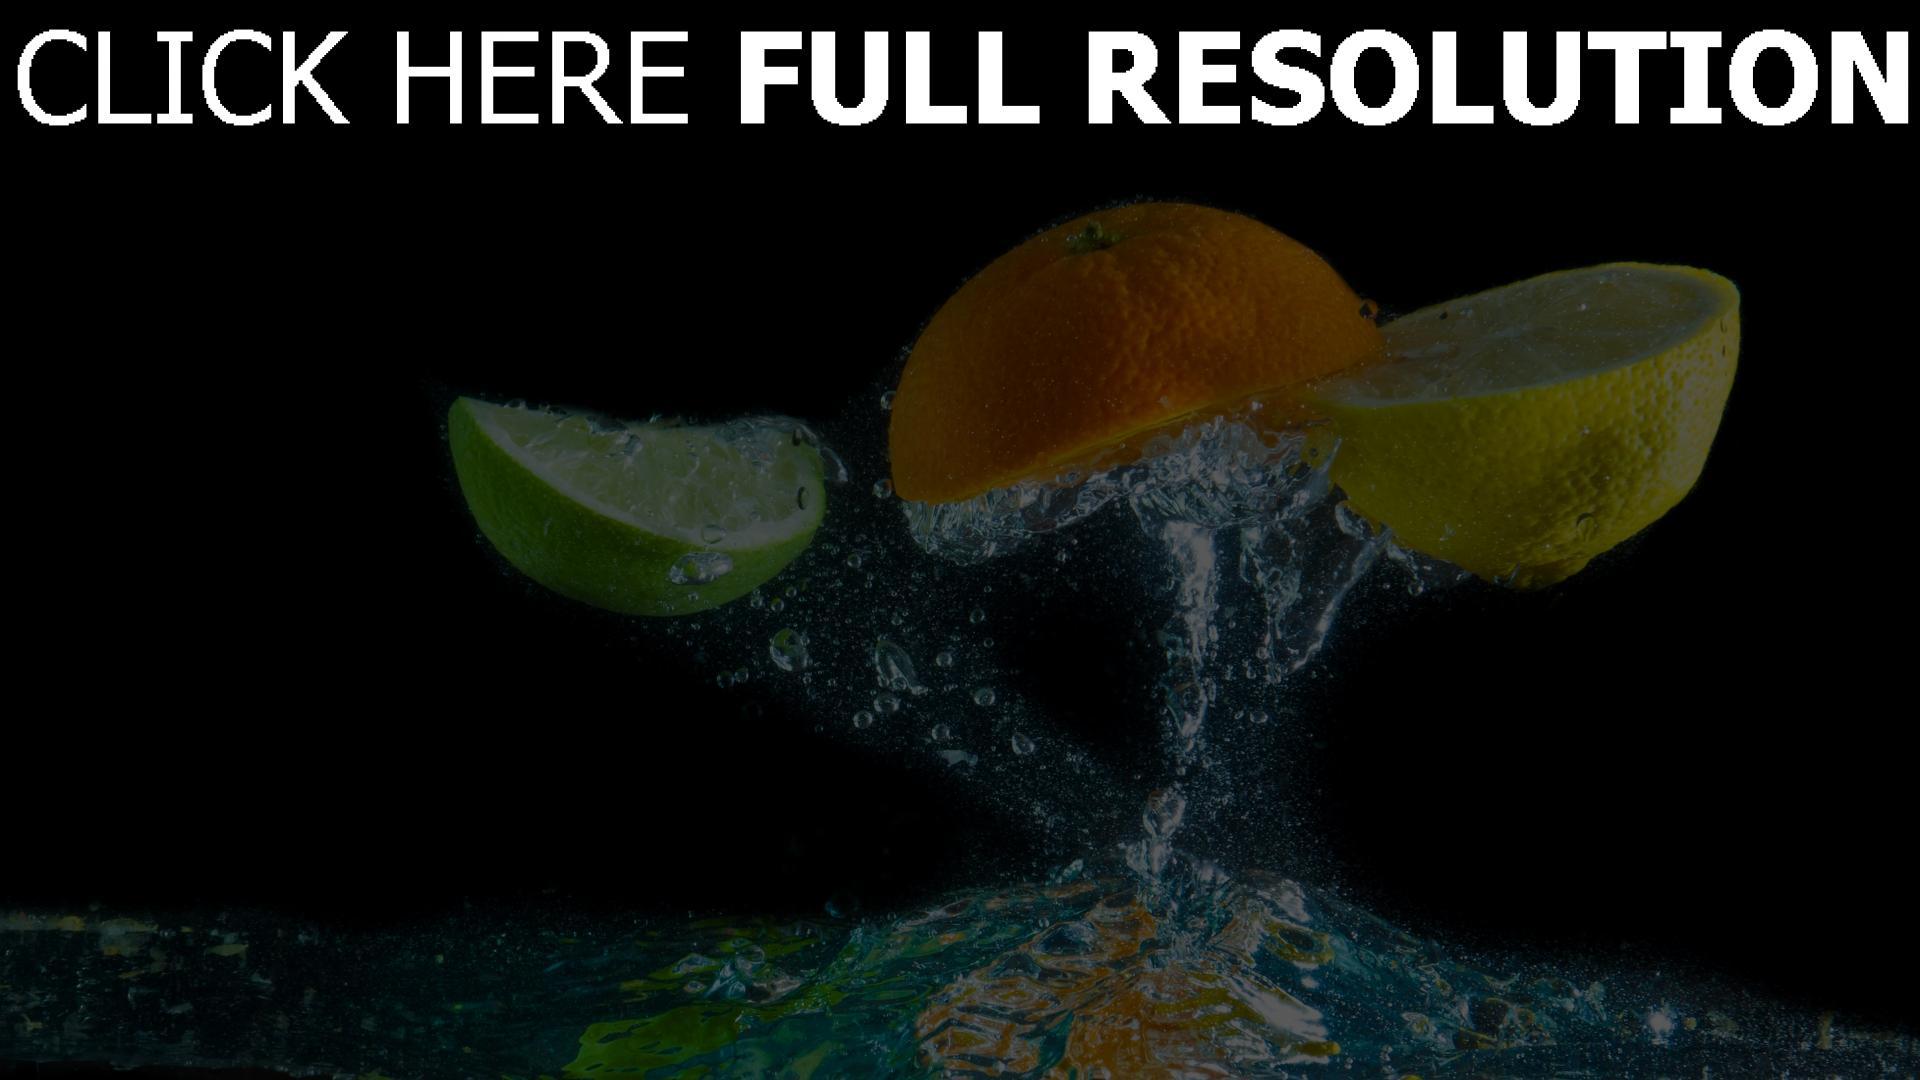 fond d'écran 1920x1080 lime orange citron éclaboussures